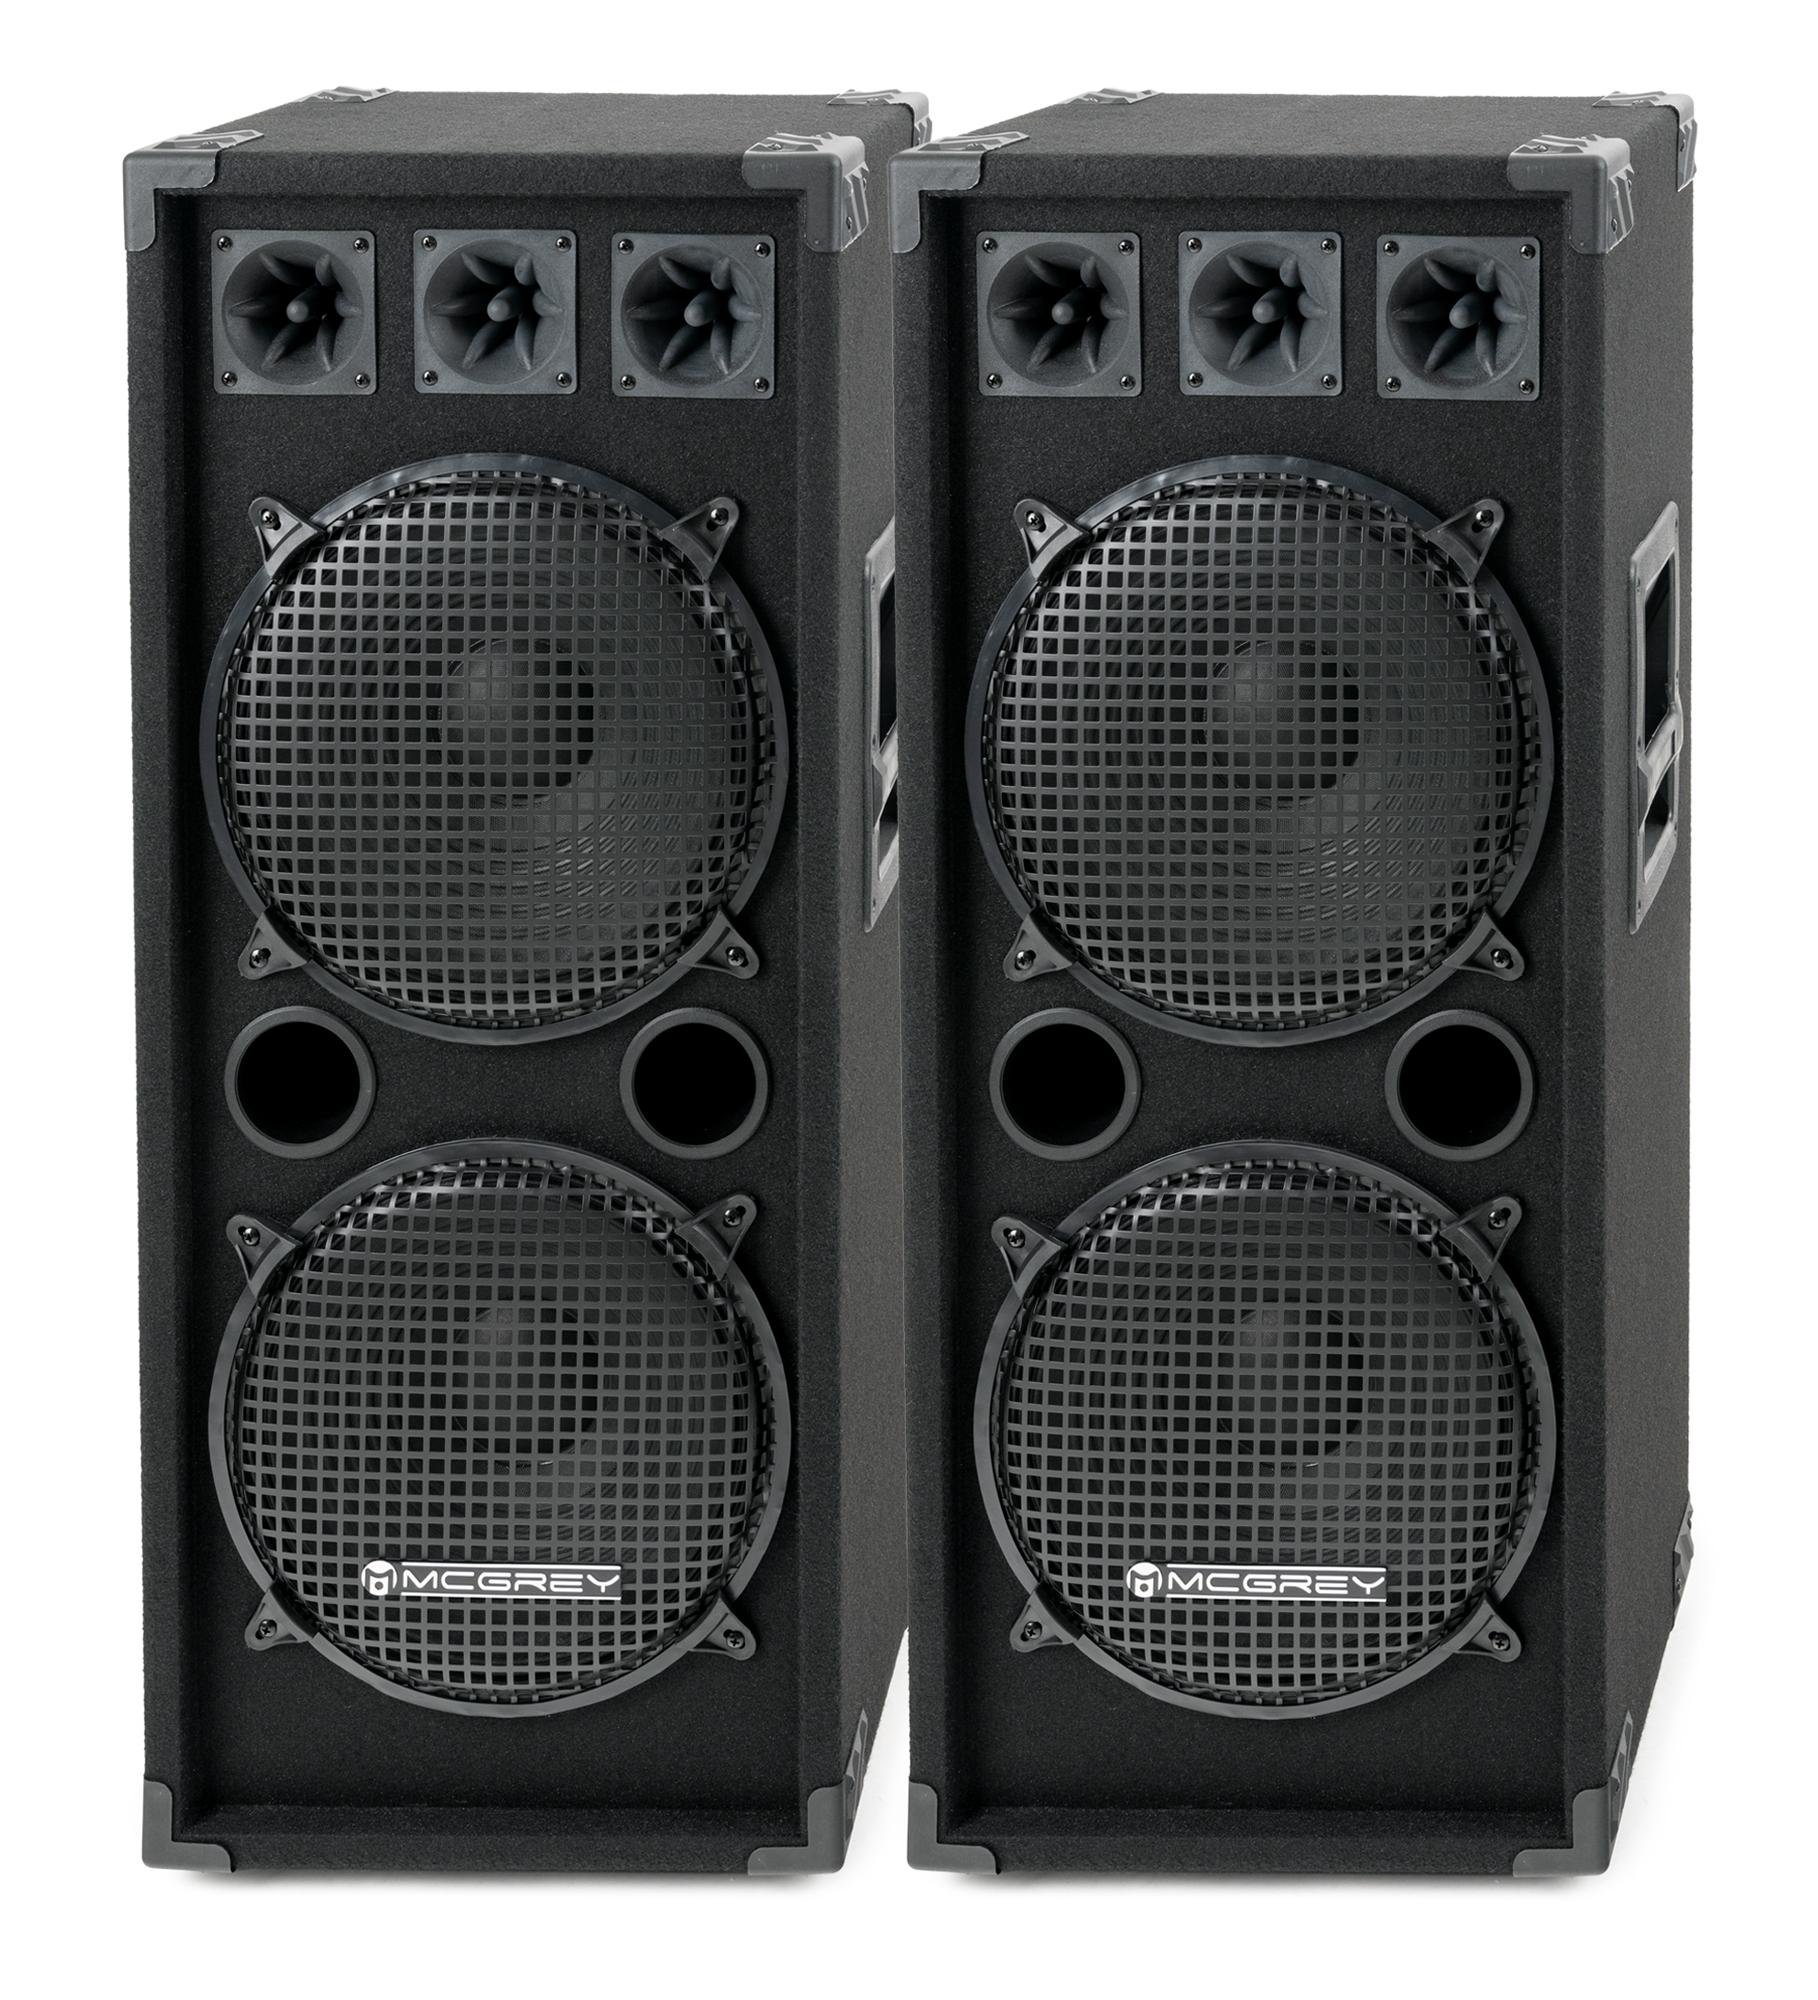 Paboxen - McGrey DJ 2222 Partykeller|DJ Box Paar 2 x 1000W - Onlineshop Musikhaus Kirstein